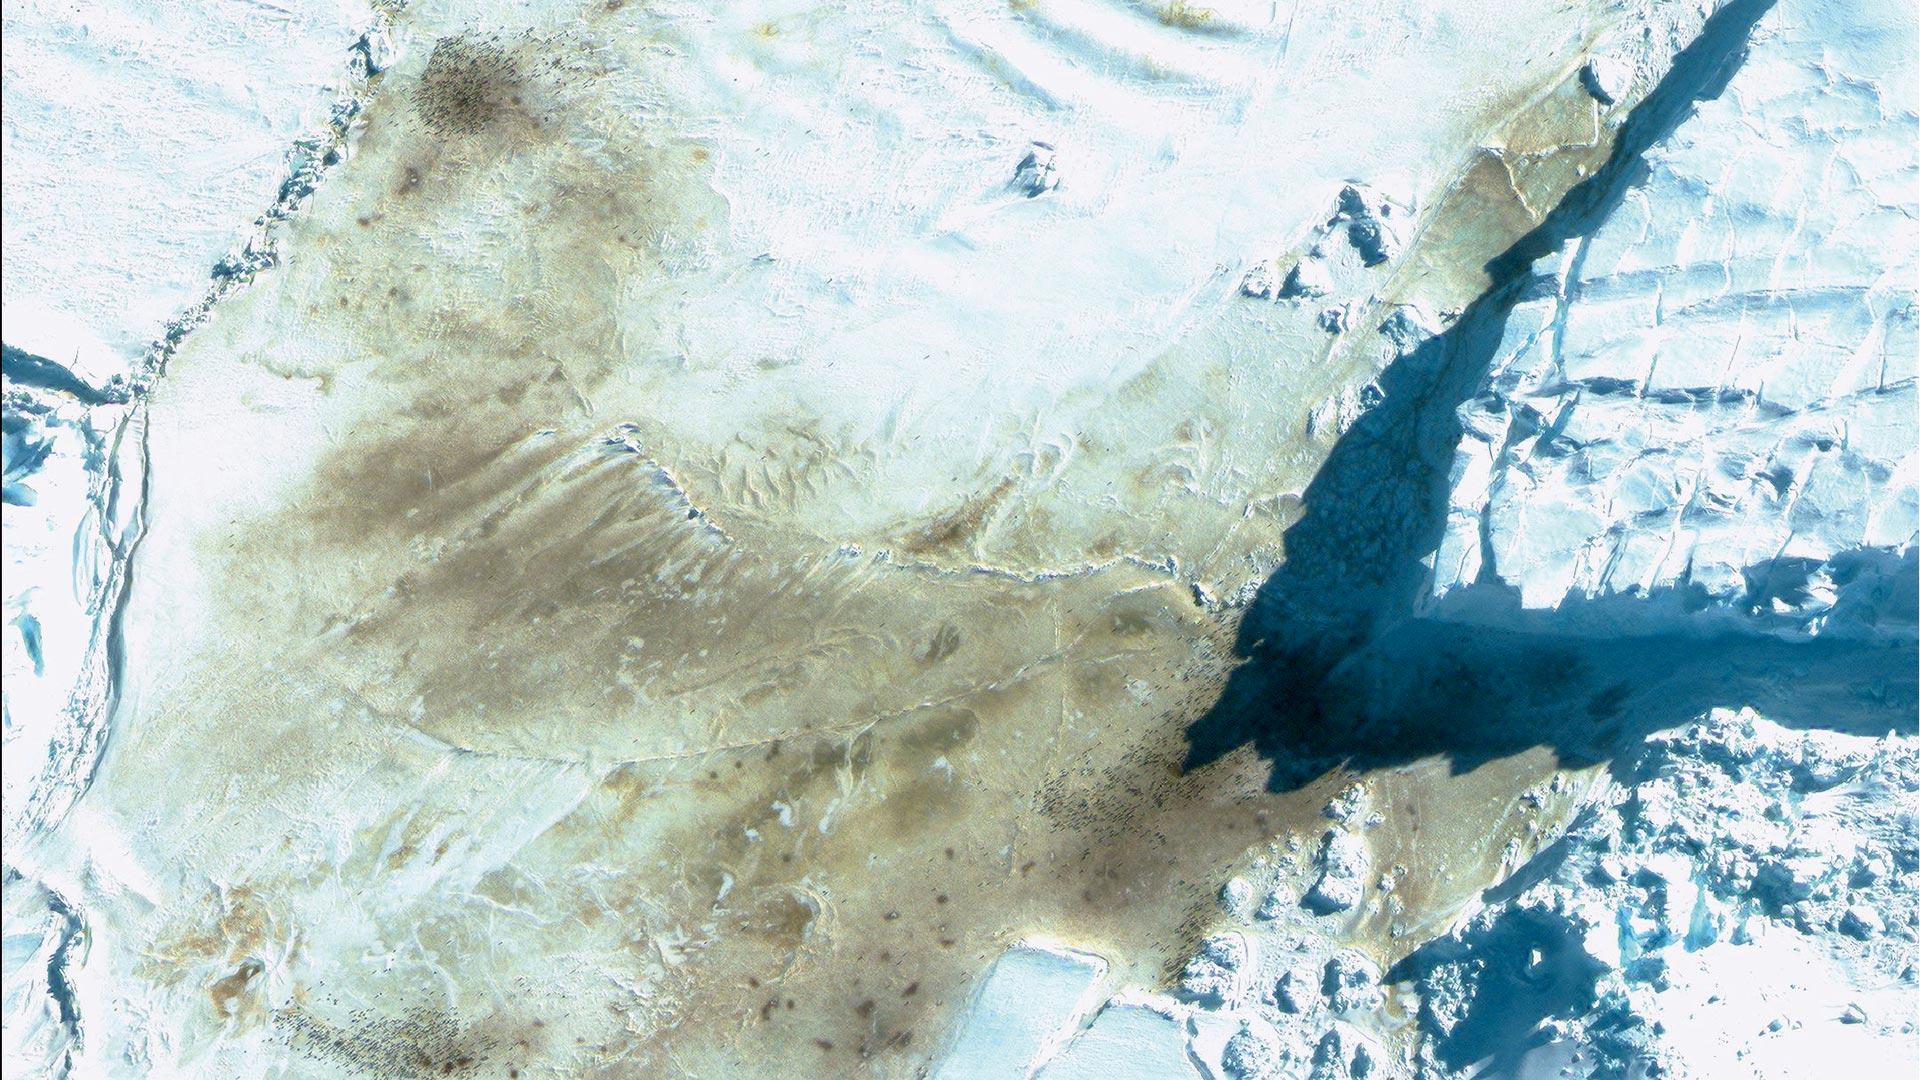 Satellitenaufnahme der typischen, rotbraunen Guano-Flecken, die Pinguine hinterlassen, zeigen: Es gibt in der Antarktis mehr Pinguin-Kolonien als gedacht!